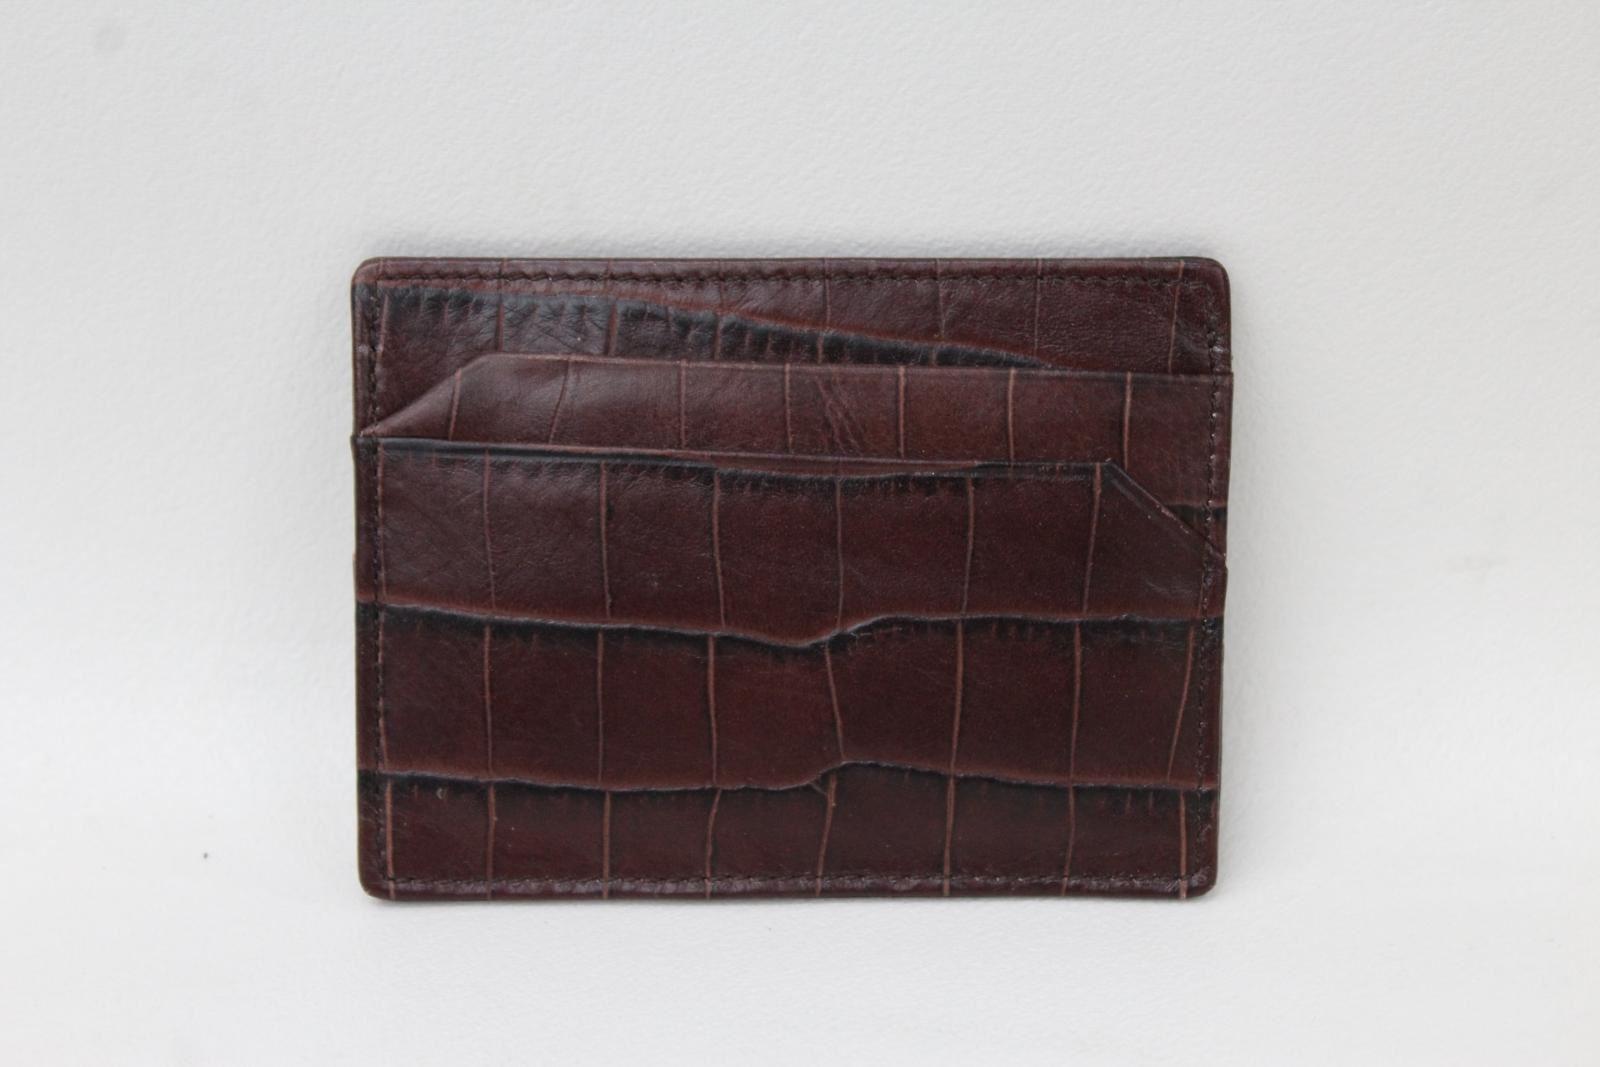 KIKI-JAMES-Men-039-s-Brown-Croc-Embossed-Leather-5-Slot-Credit-Card-Holder-NEW